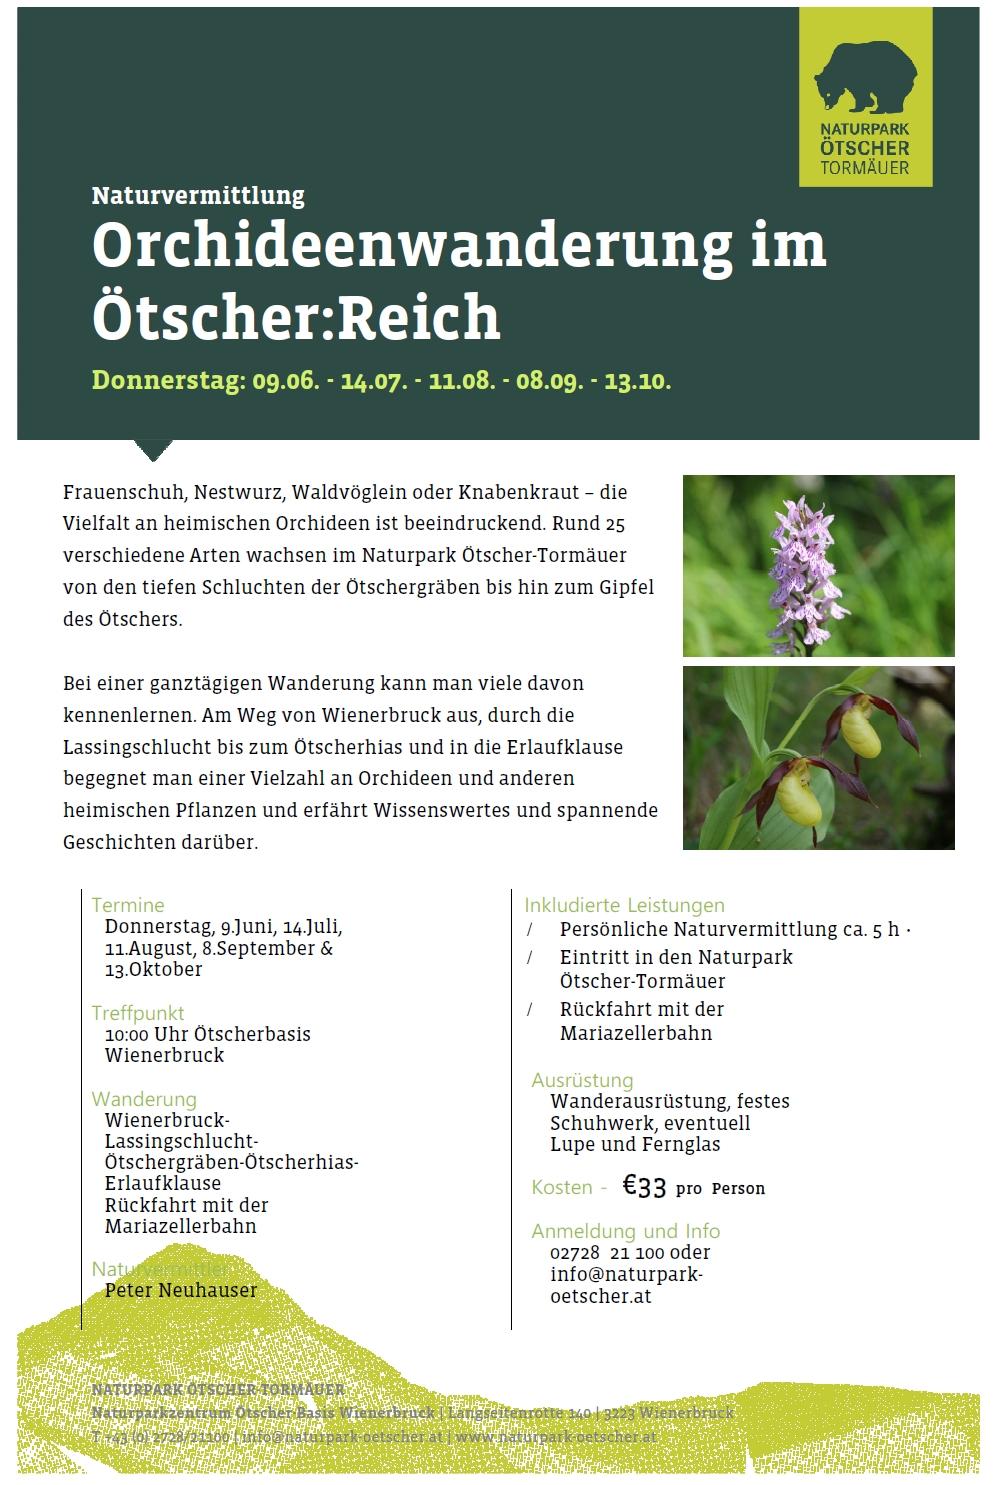 2016_Orchideenwanderung_im_Ötscherreich